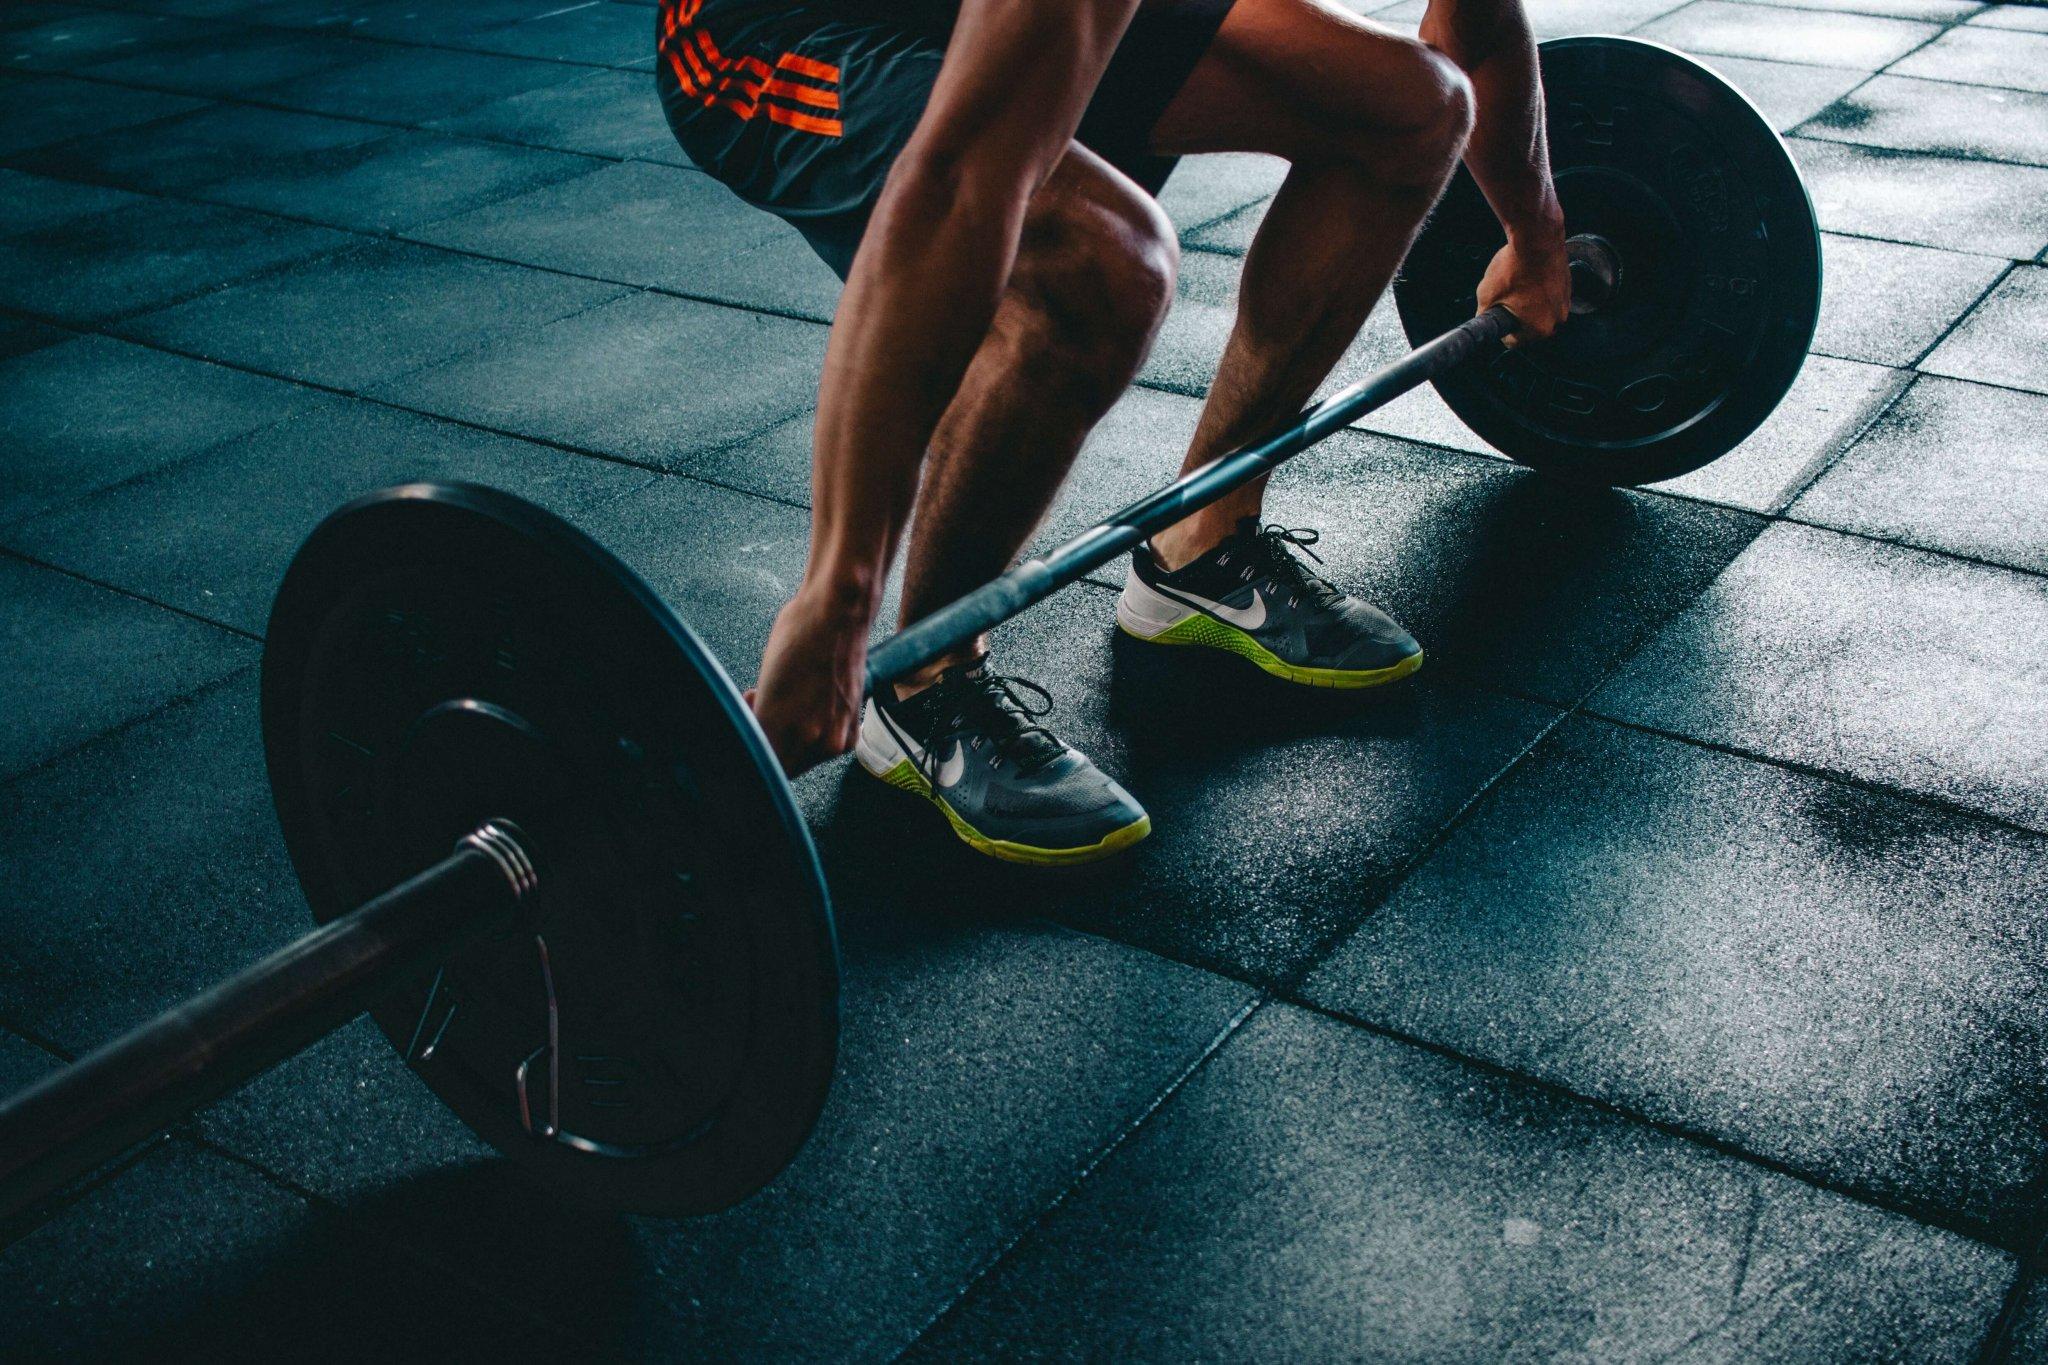 Faire Laufzeiten zu fairen Preisen – bei INFORM Training Altenberge